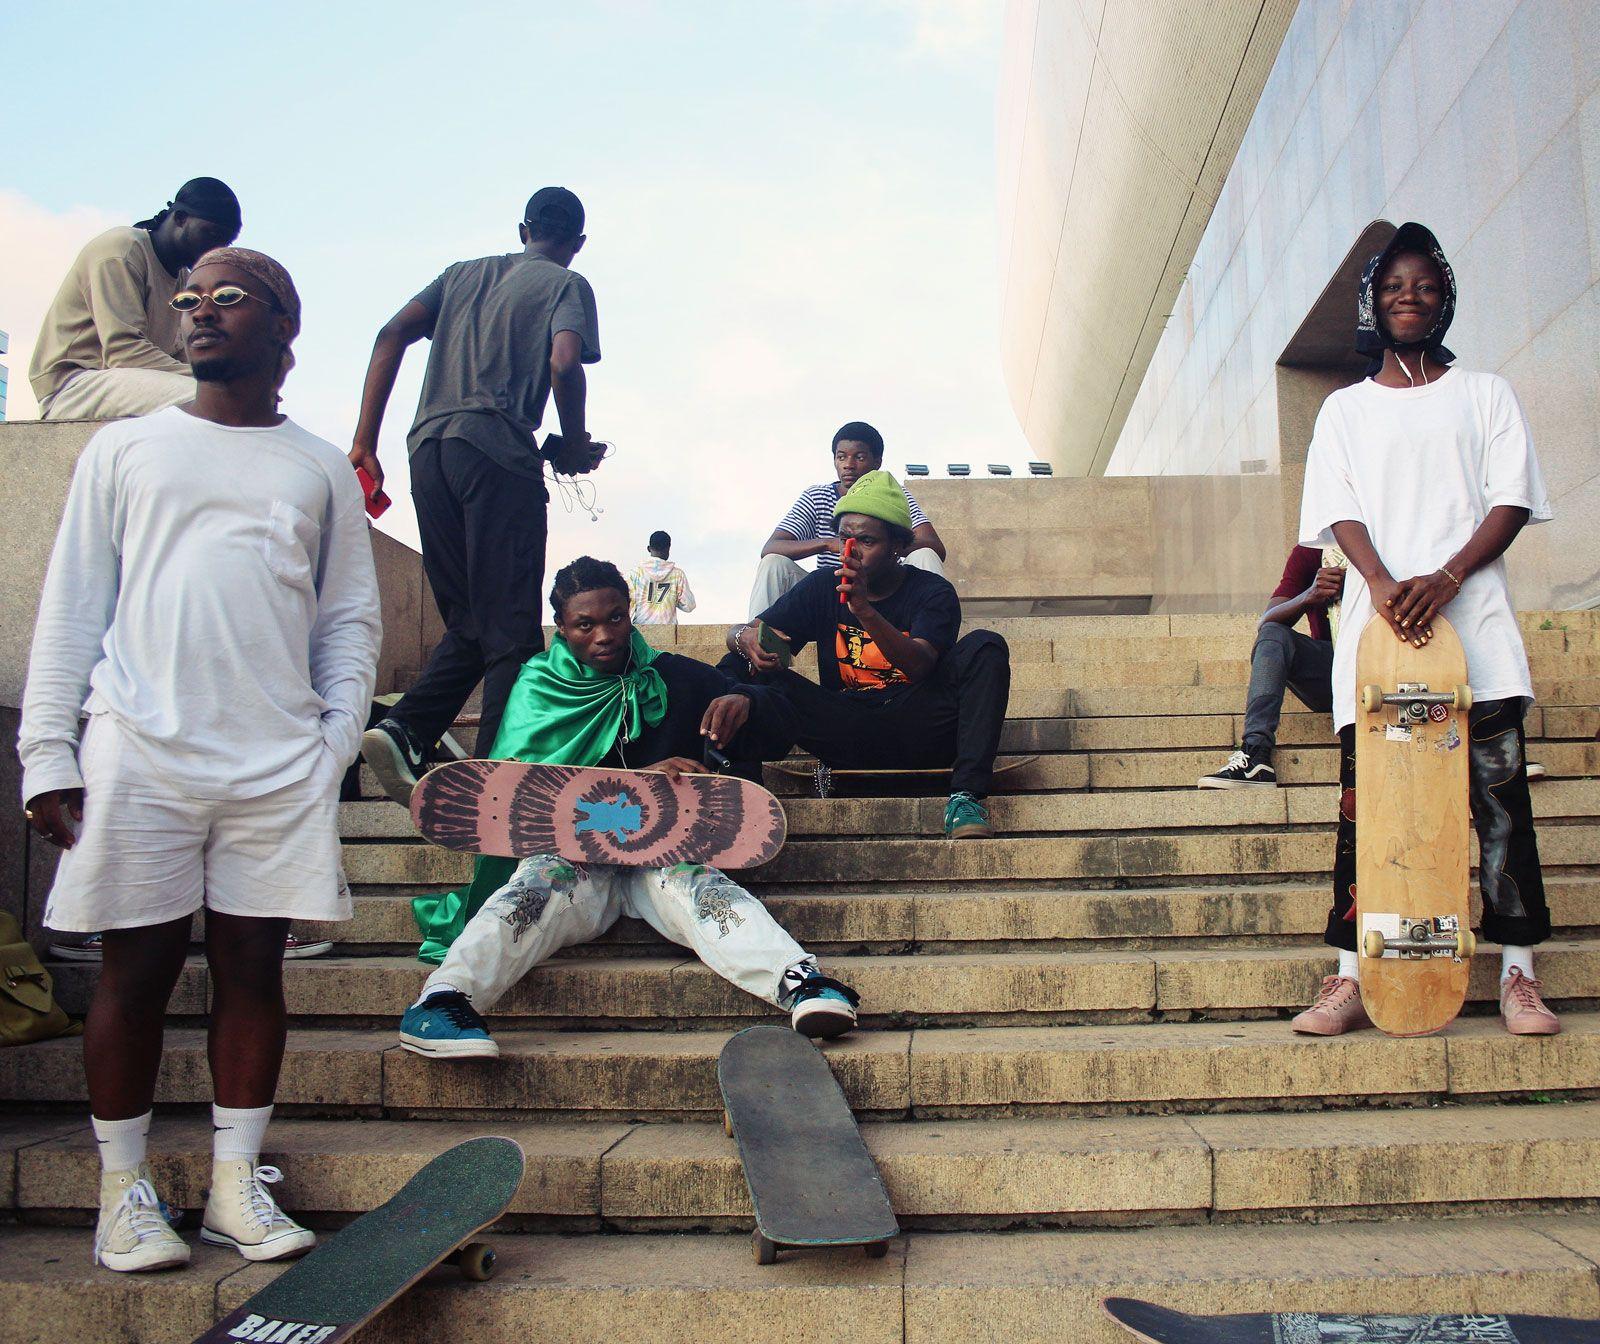 ghanas-first-skate-park-much-skateboarding-04